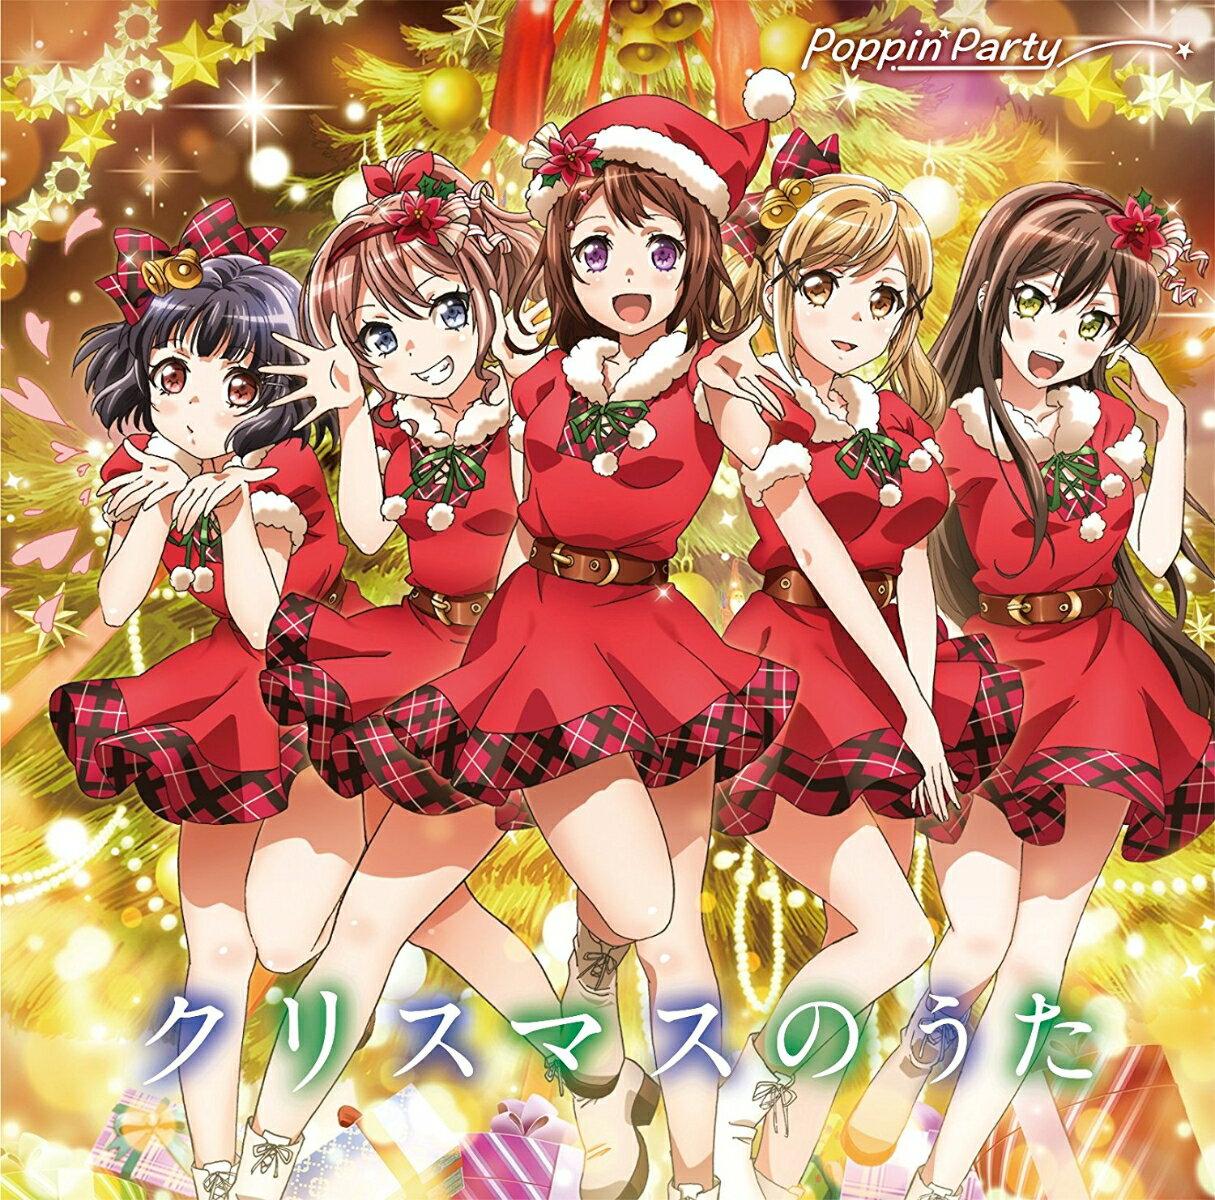 クリスマスのうた (初回限定盤 CD+Blu-ray) [ Poppin'Party ]